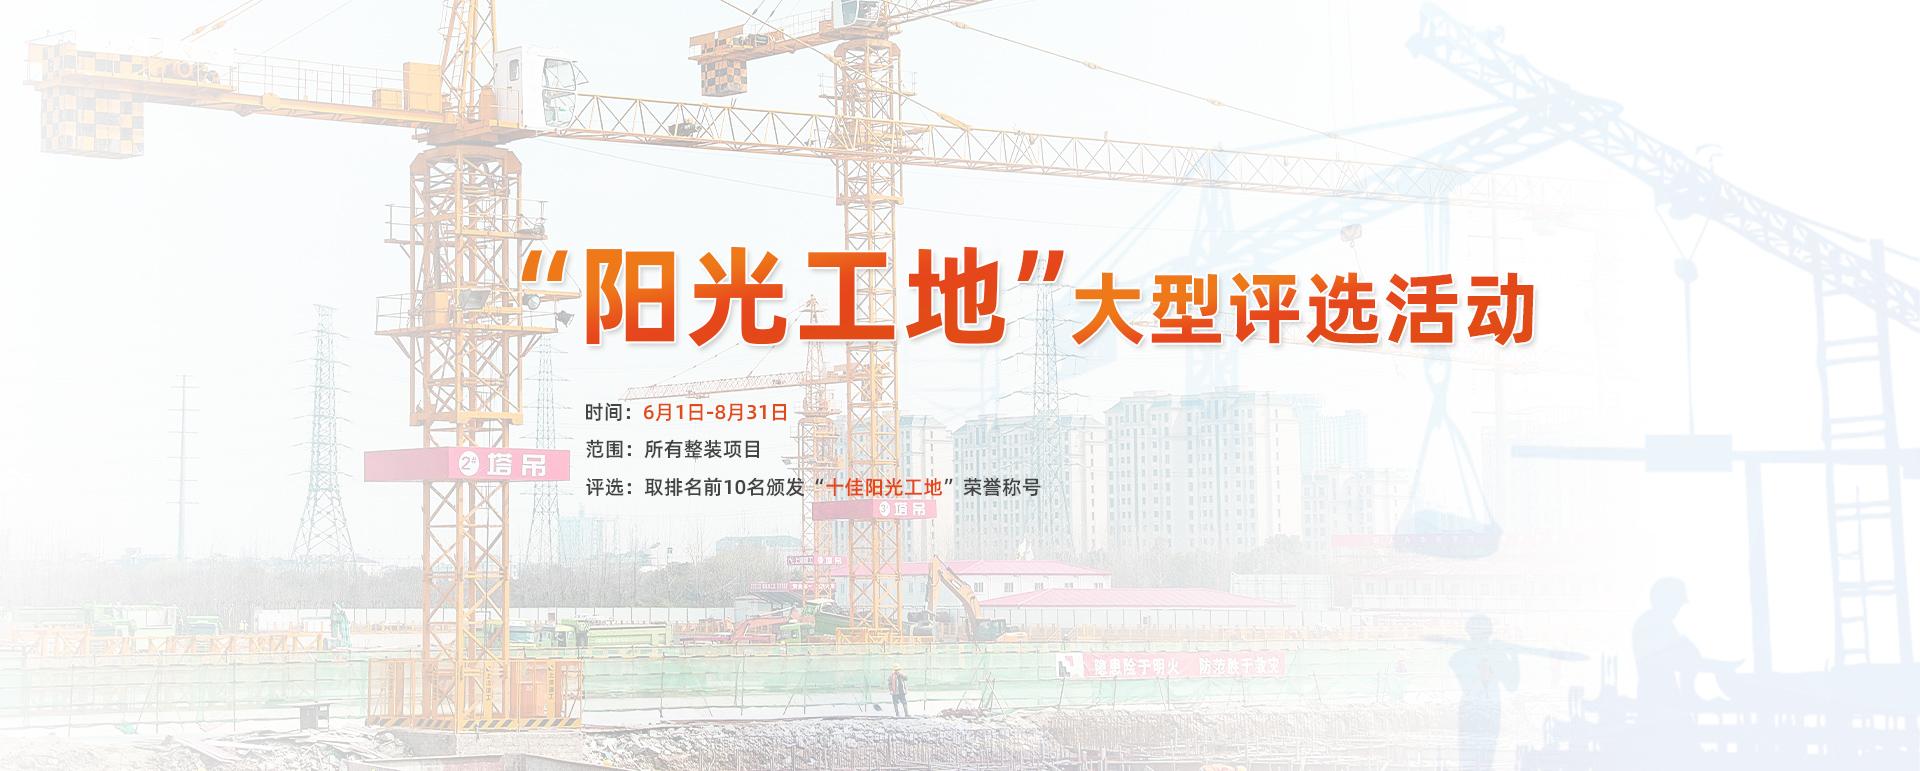 深圳办公司装修设计